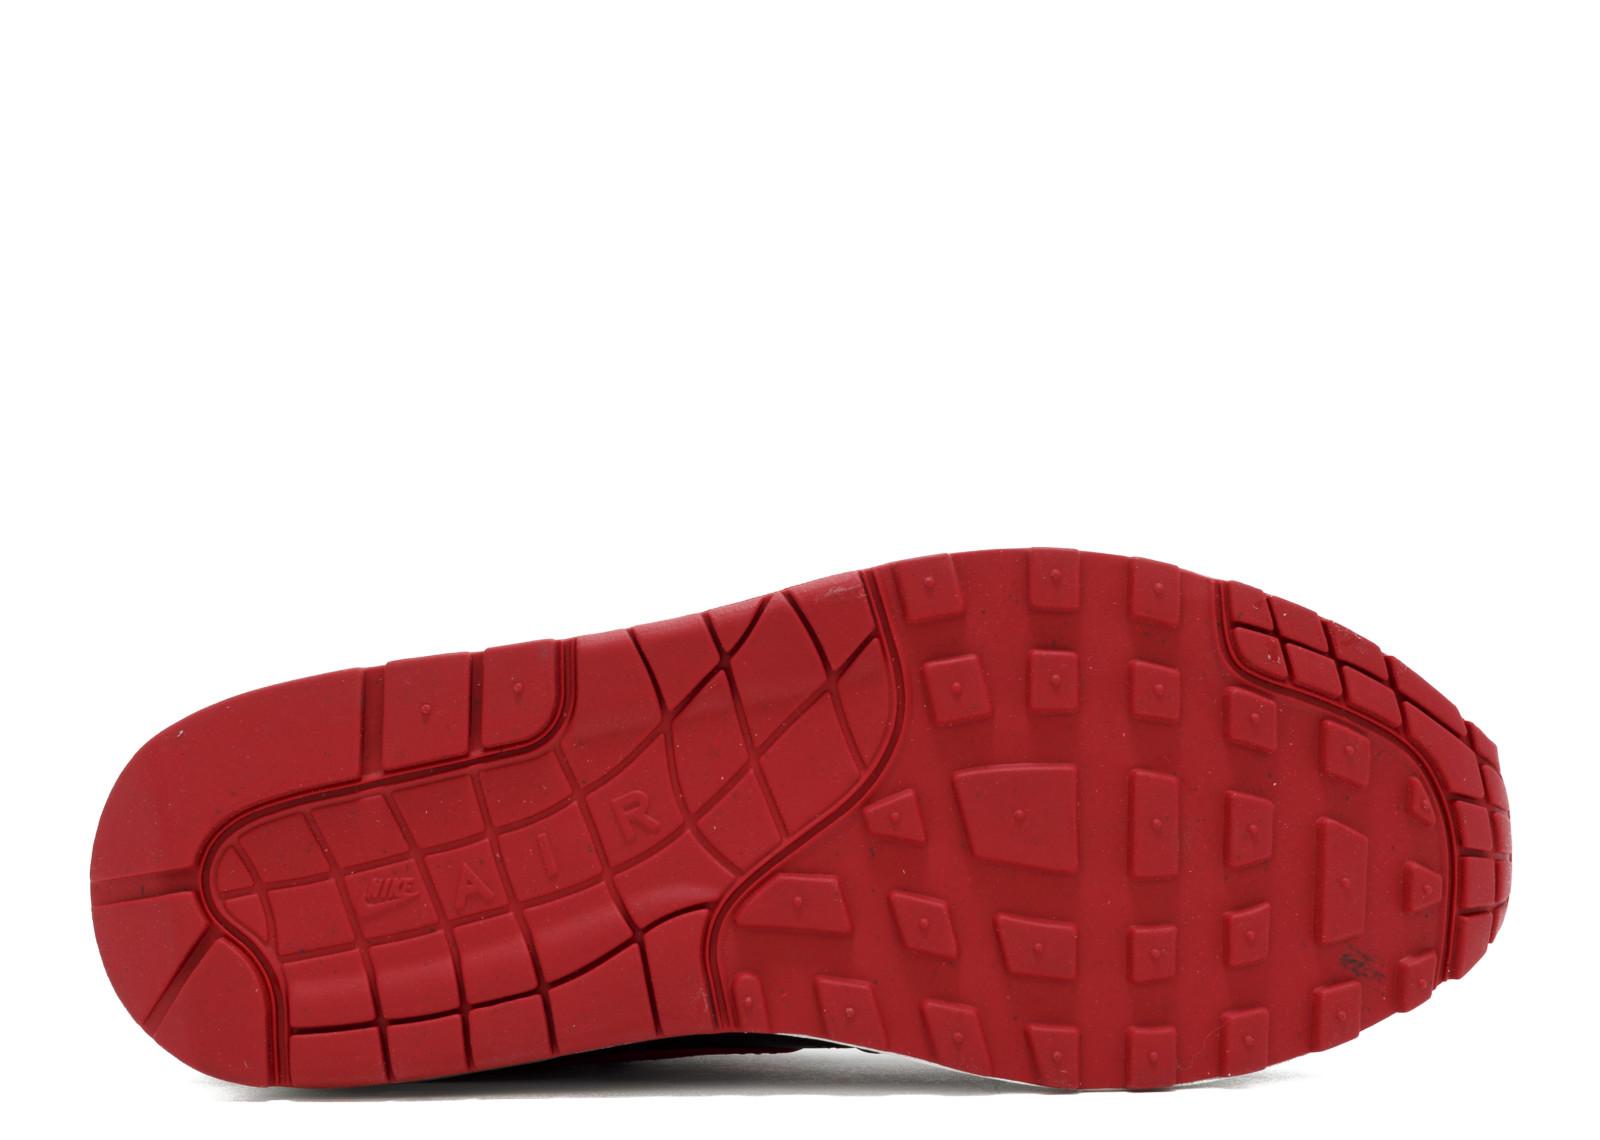 fcf00660a1d Kick Avenue - Authentic Sneakers